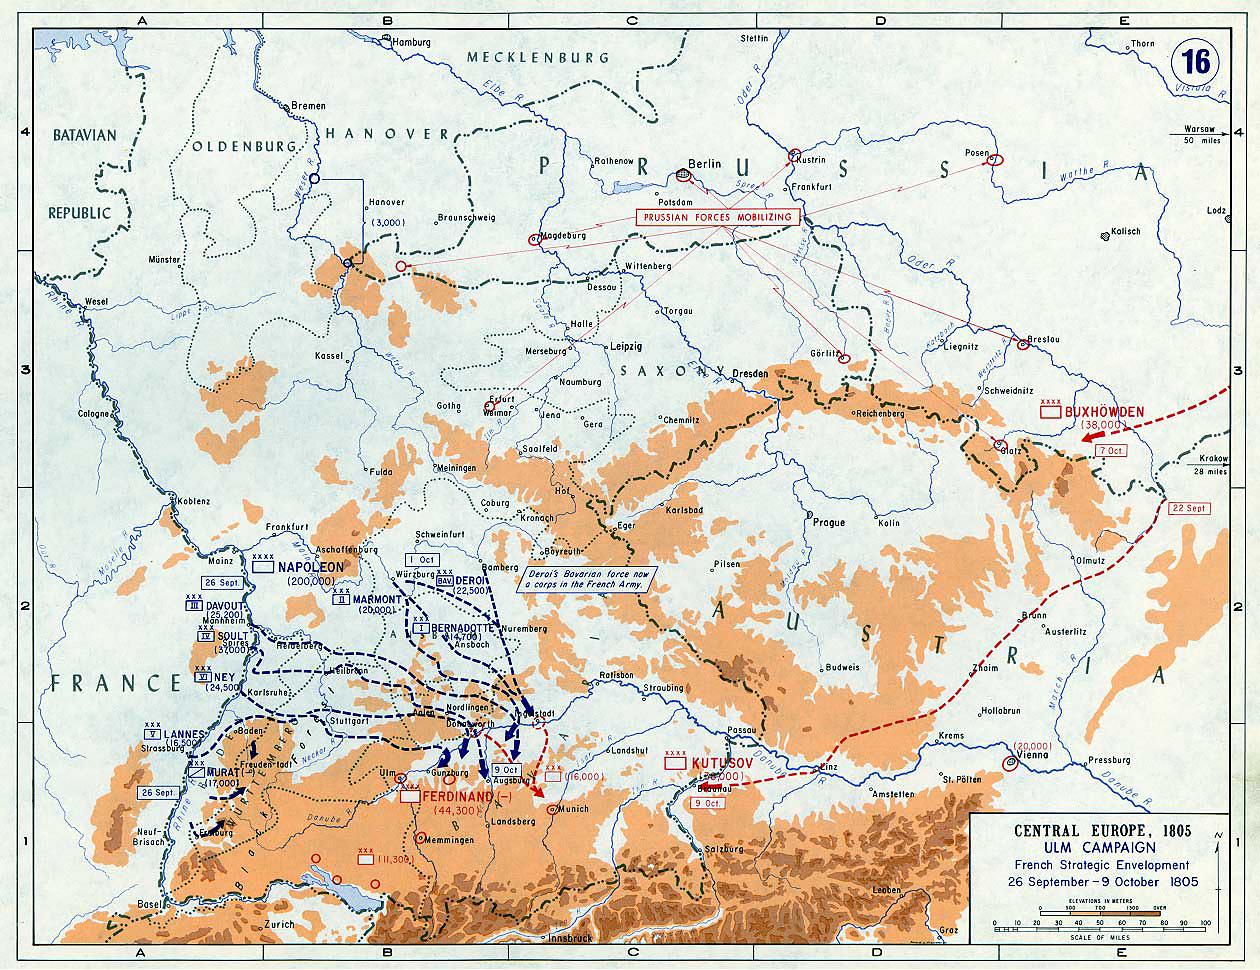 Французская стратегия, 26 сентября - 9 октября 1805 г., карта